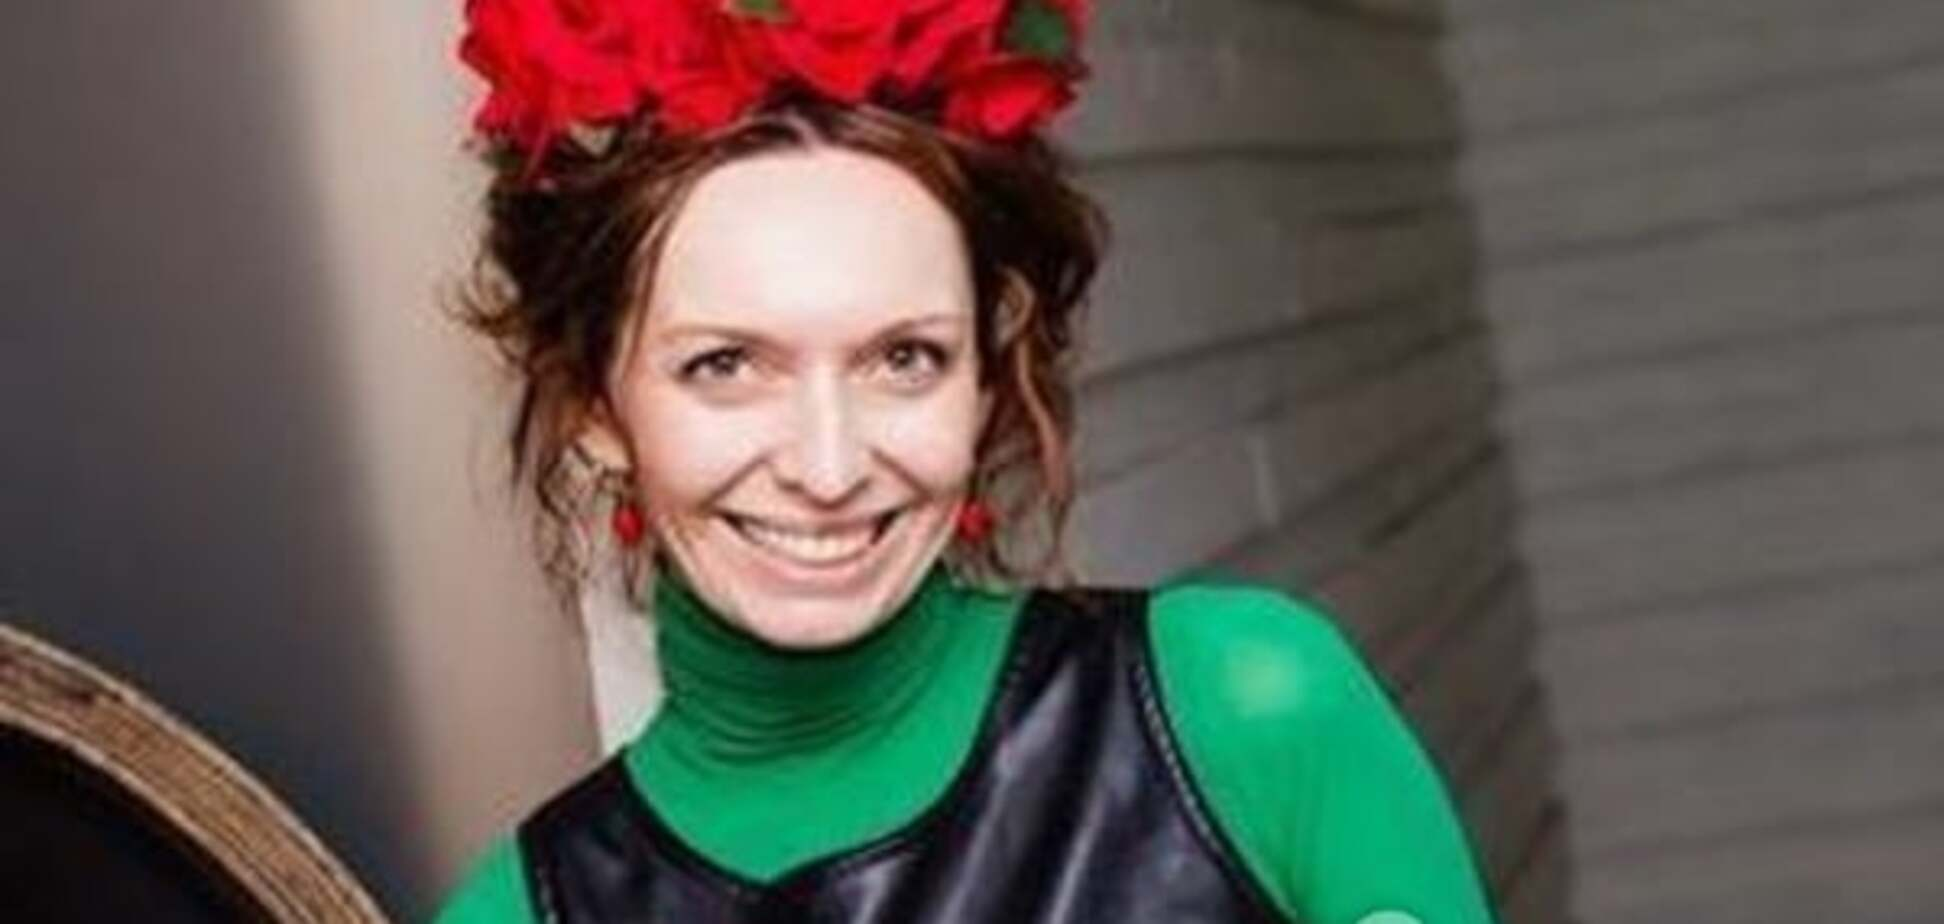 Неувядающая красота: киевлянка создает уникальные венки в украинском стиле